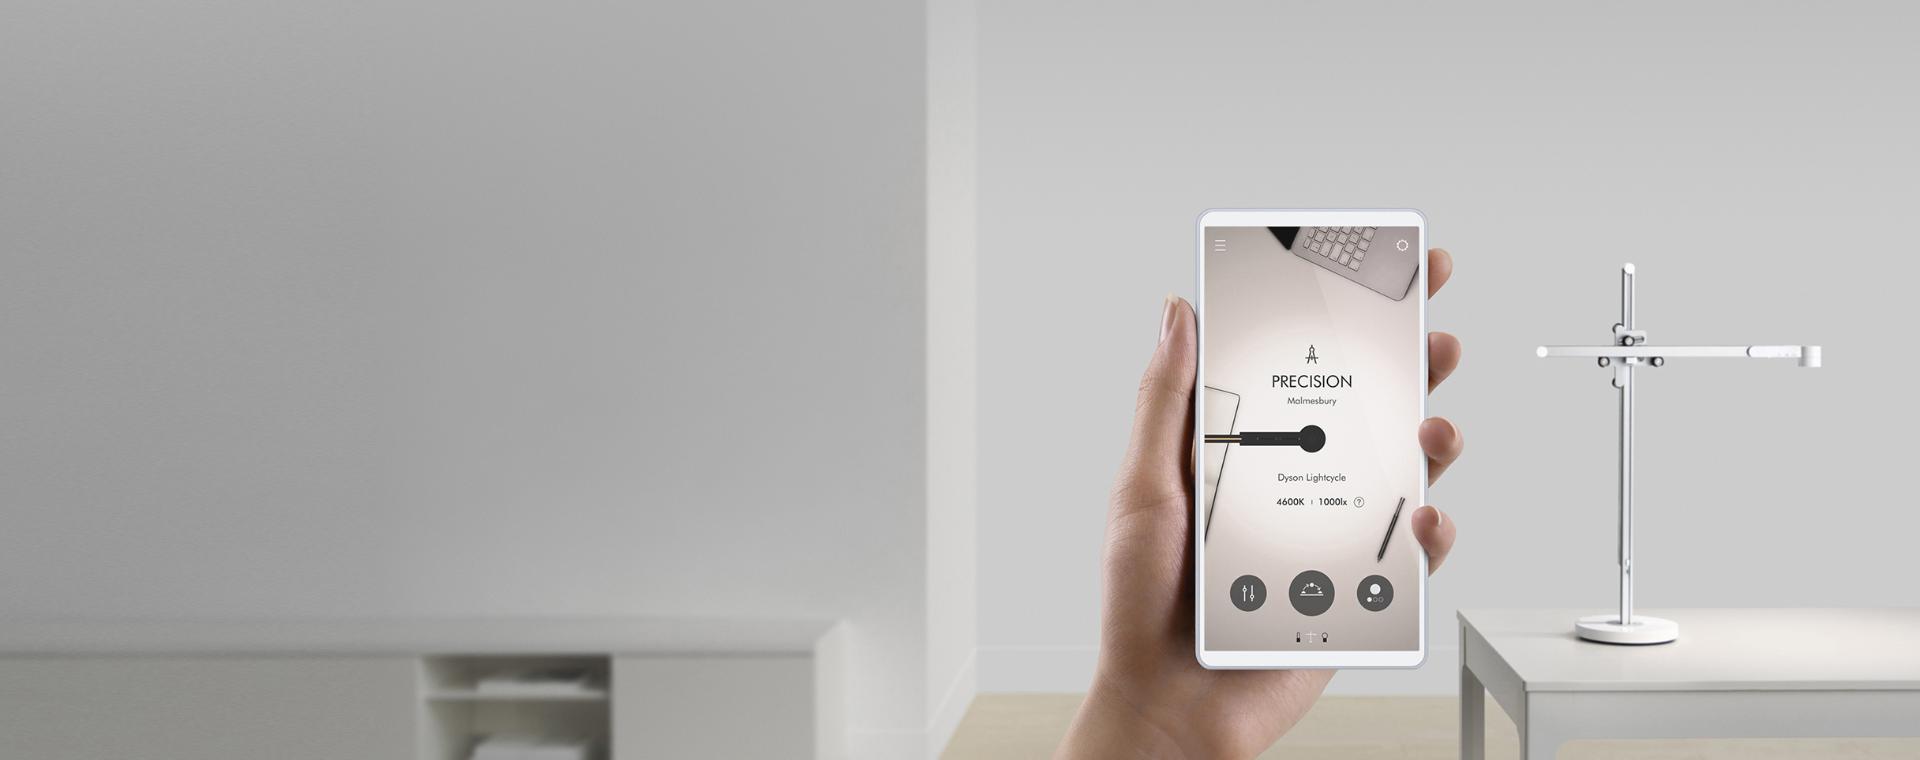 다이슨 링크 앱이 설치된 스마트폰 화면